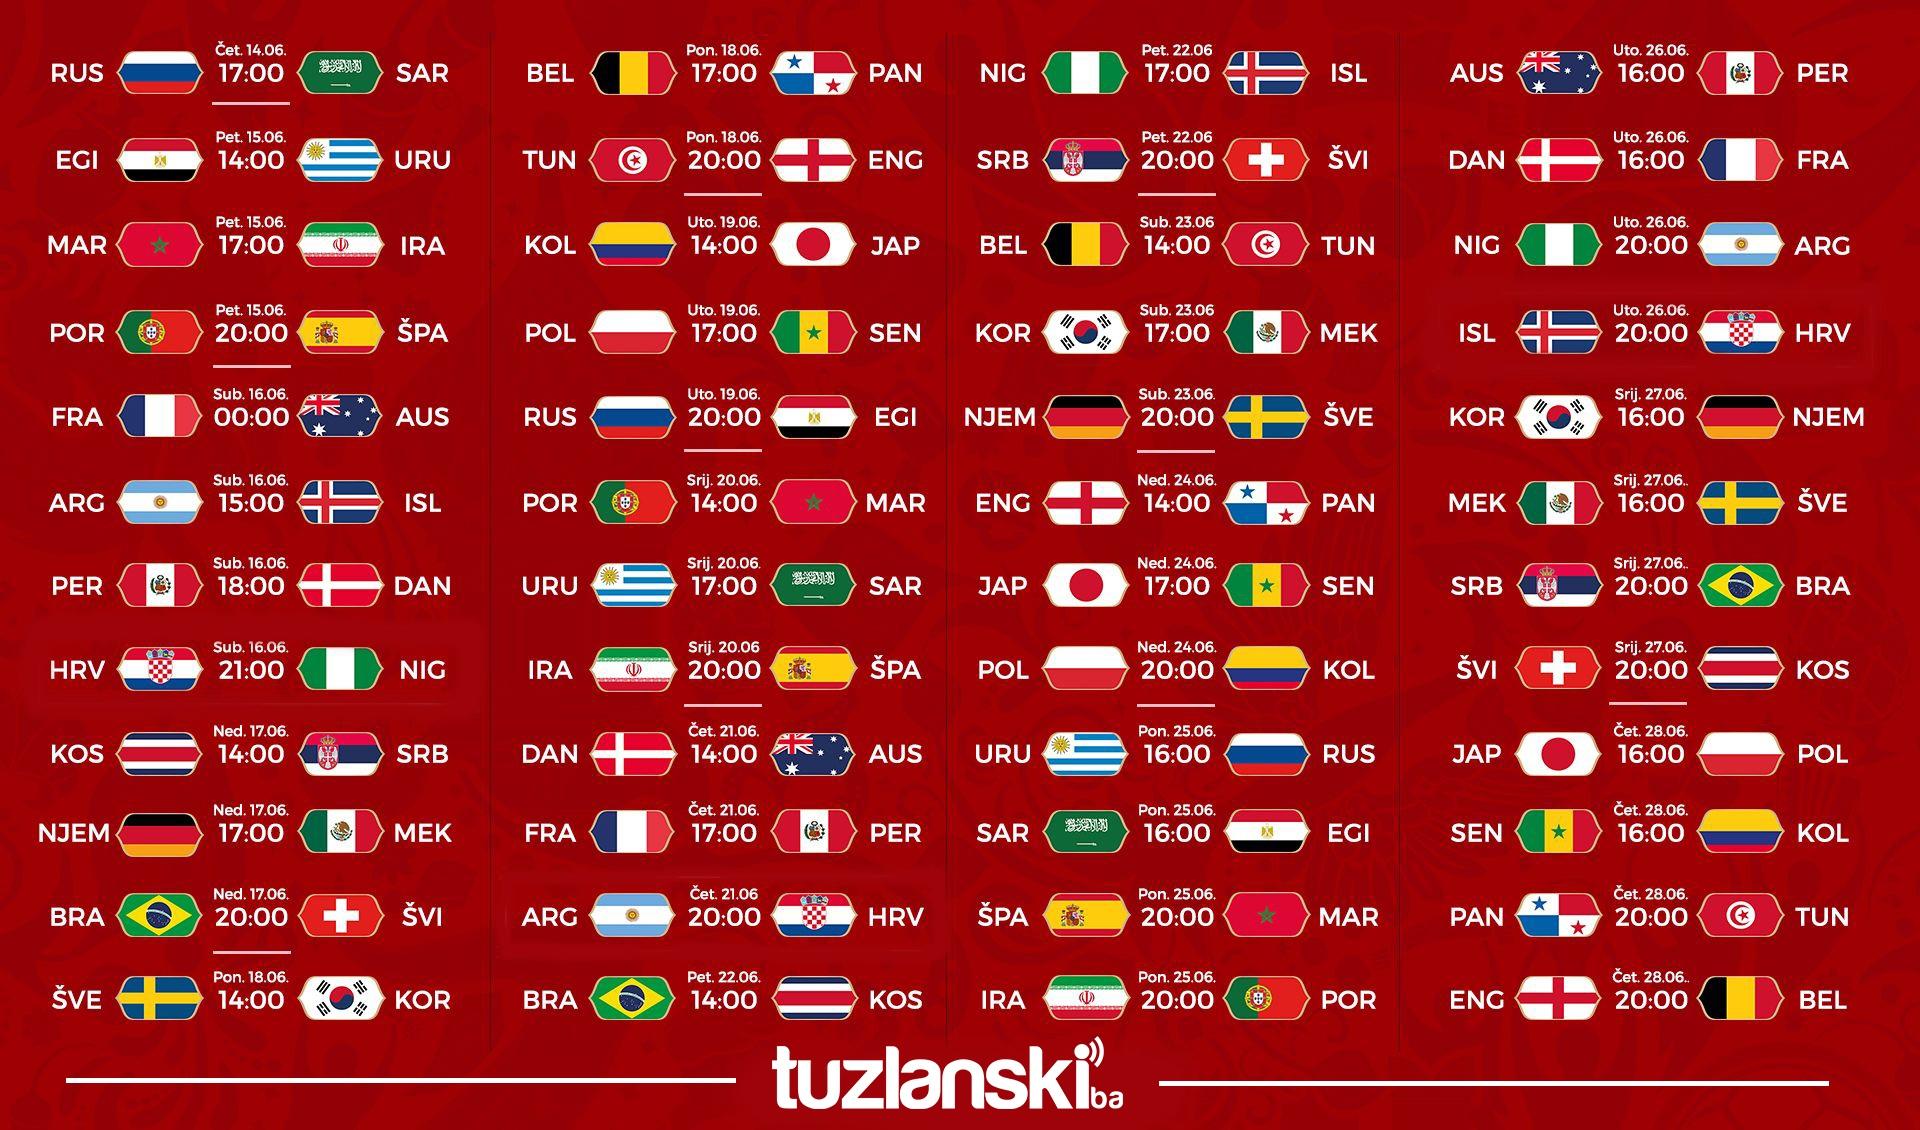 Raspored utakmica za Svjetsko prvenstvo u Rusiji